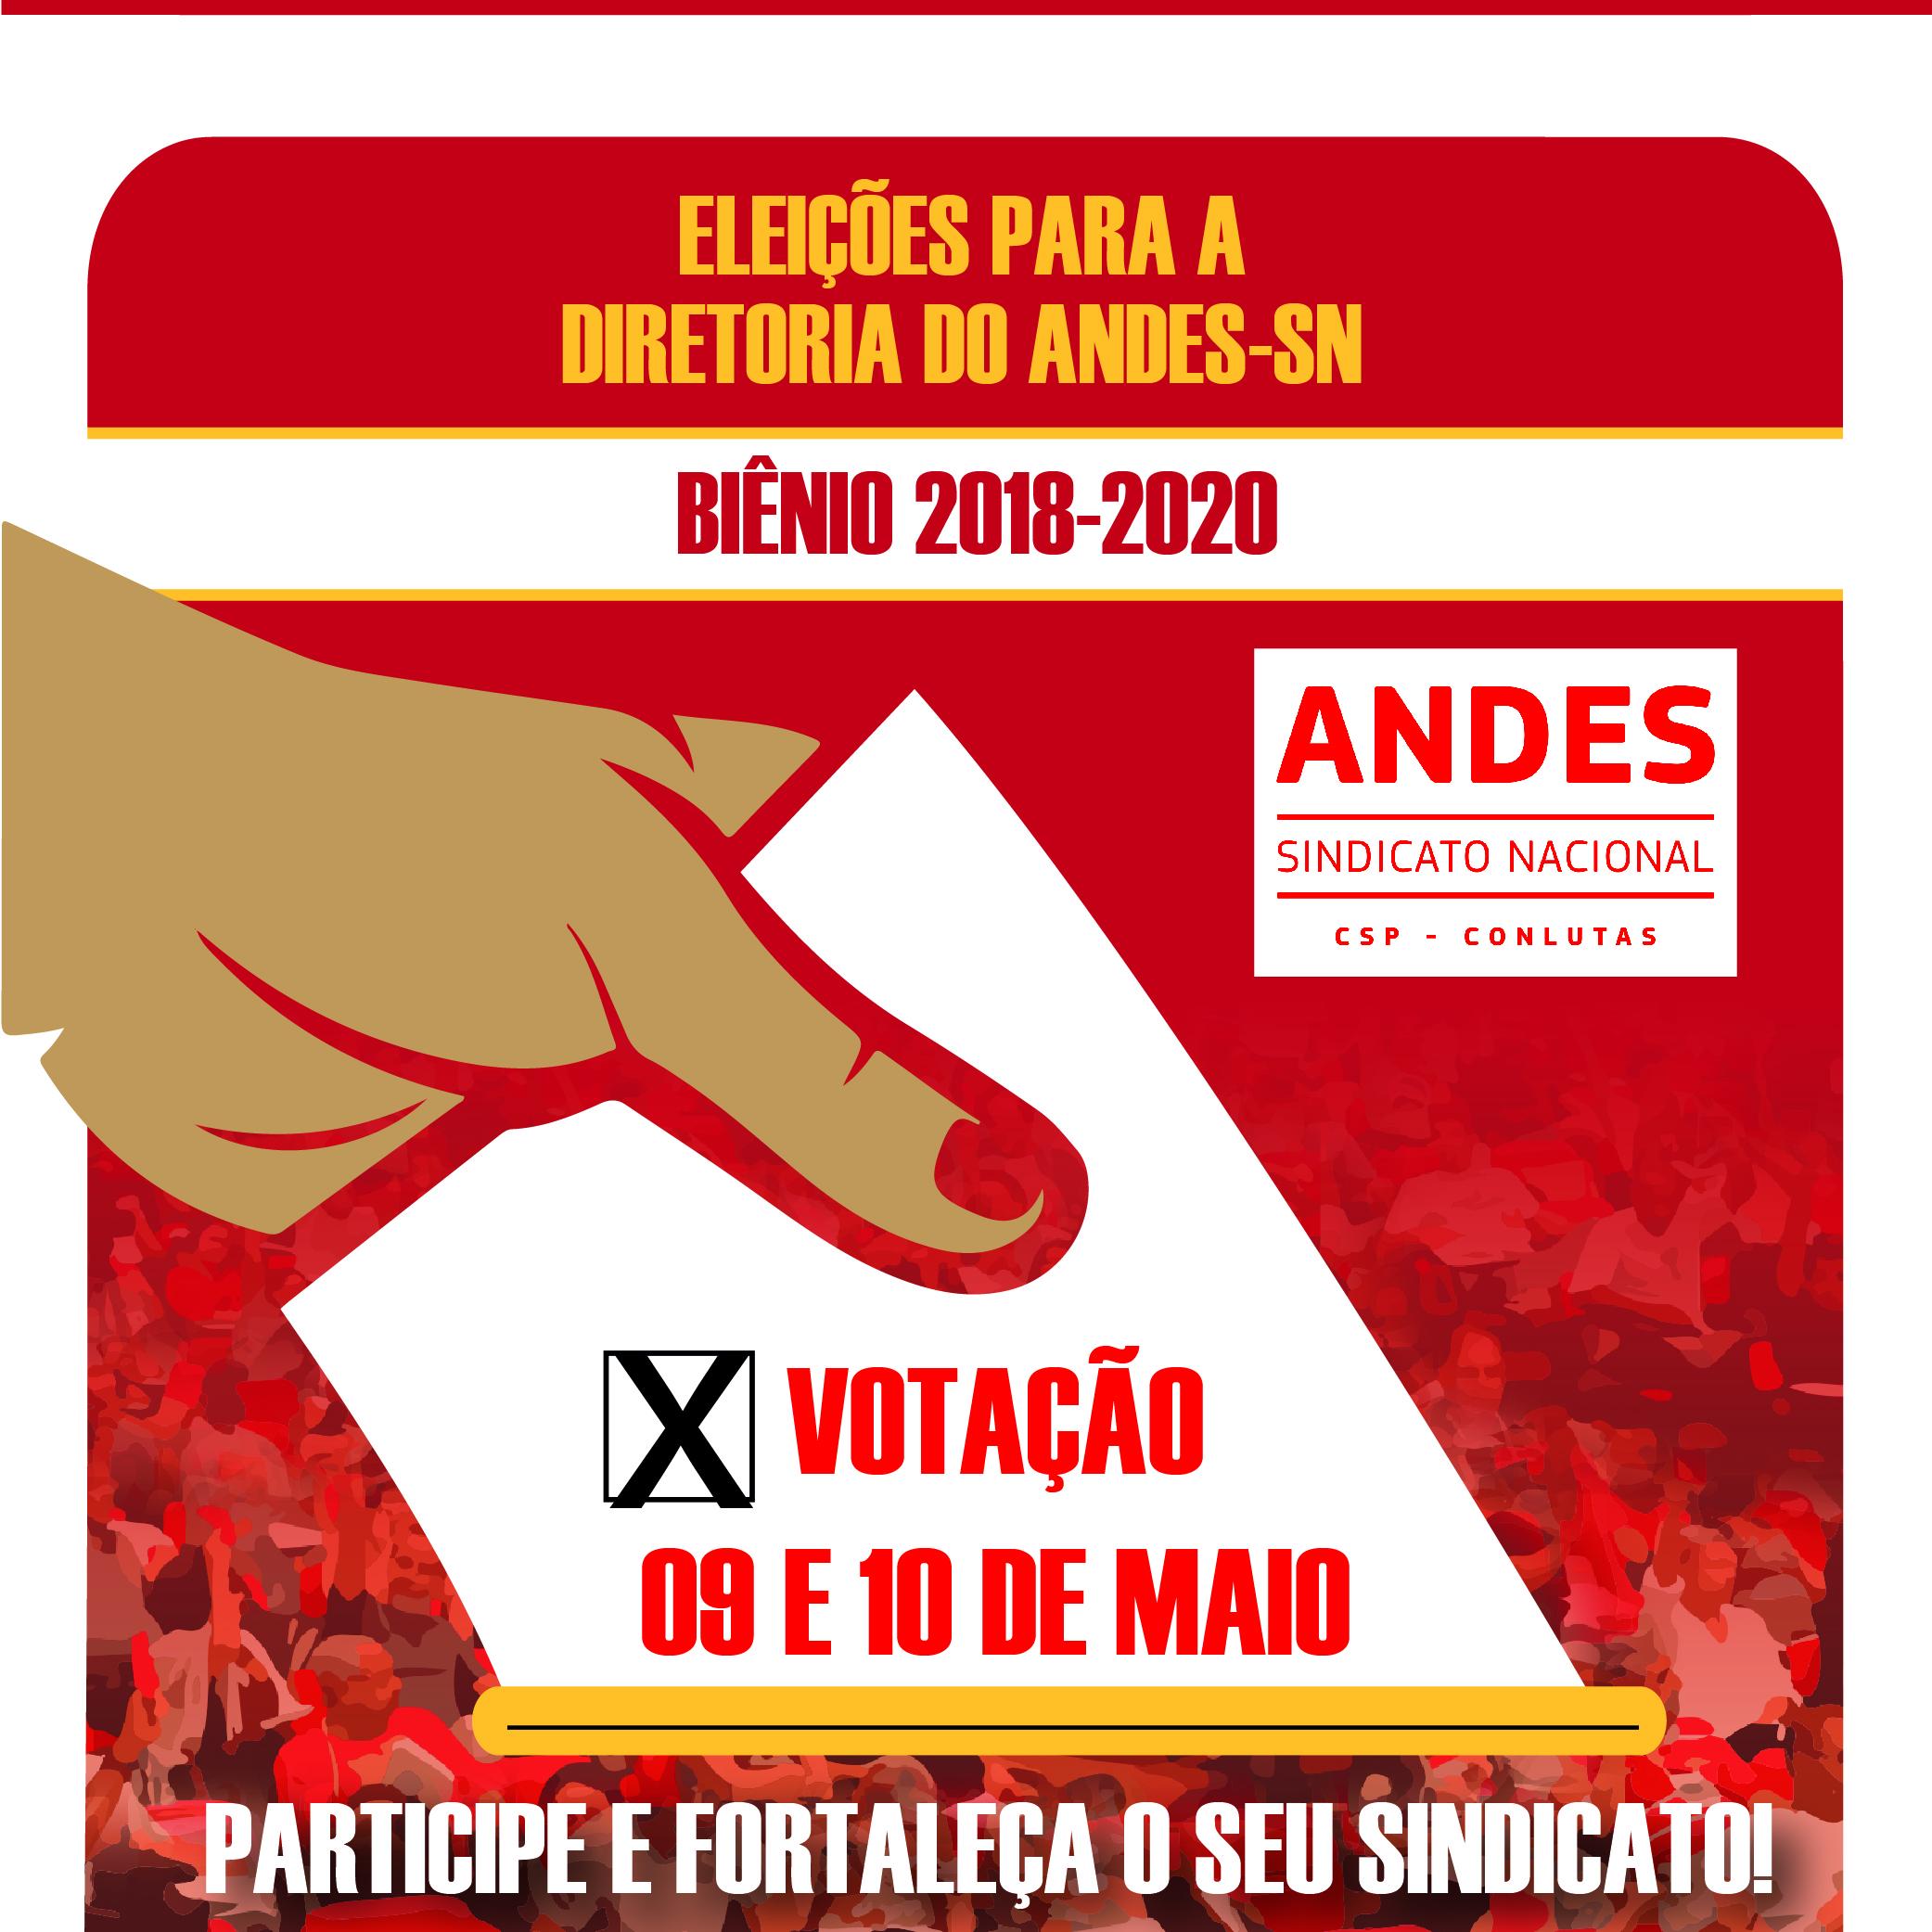 Eleições do Andes: Saiba mais sobre as candidaturas